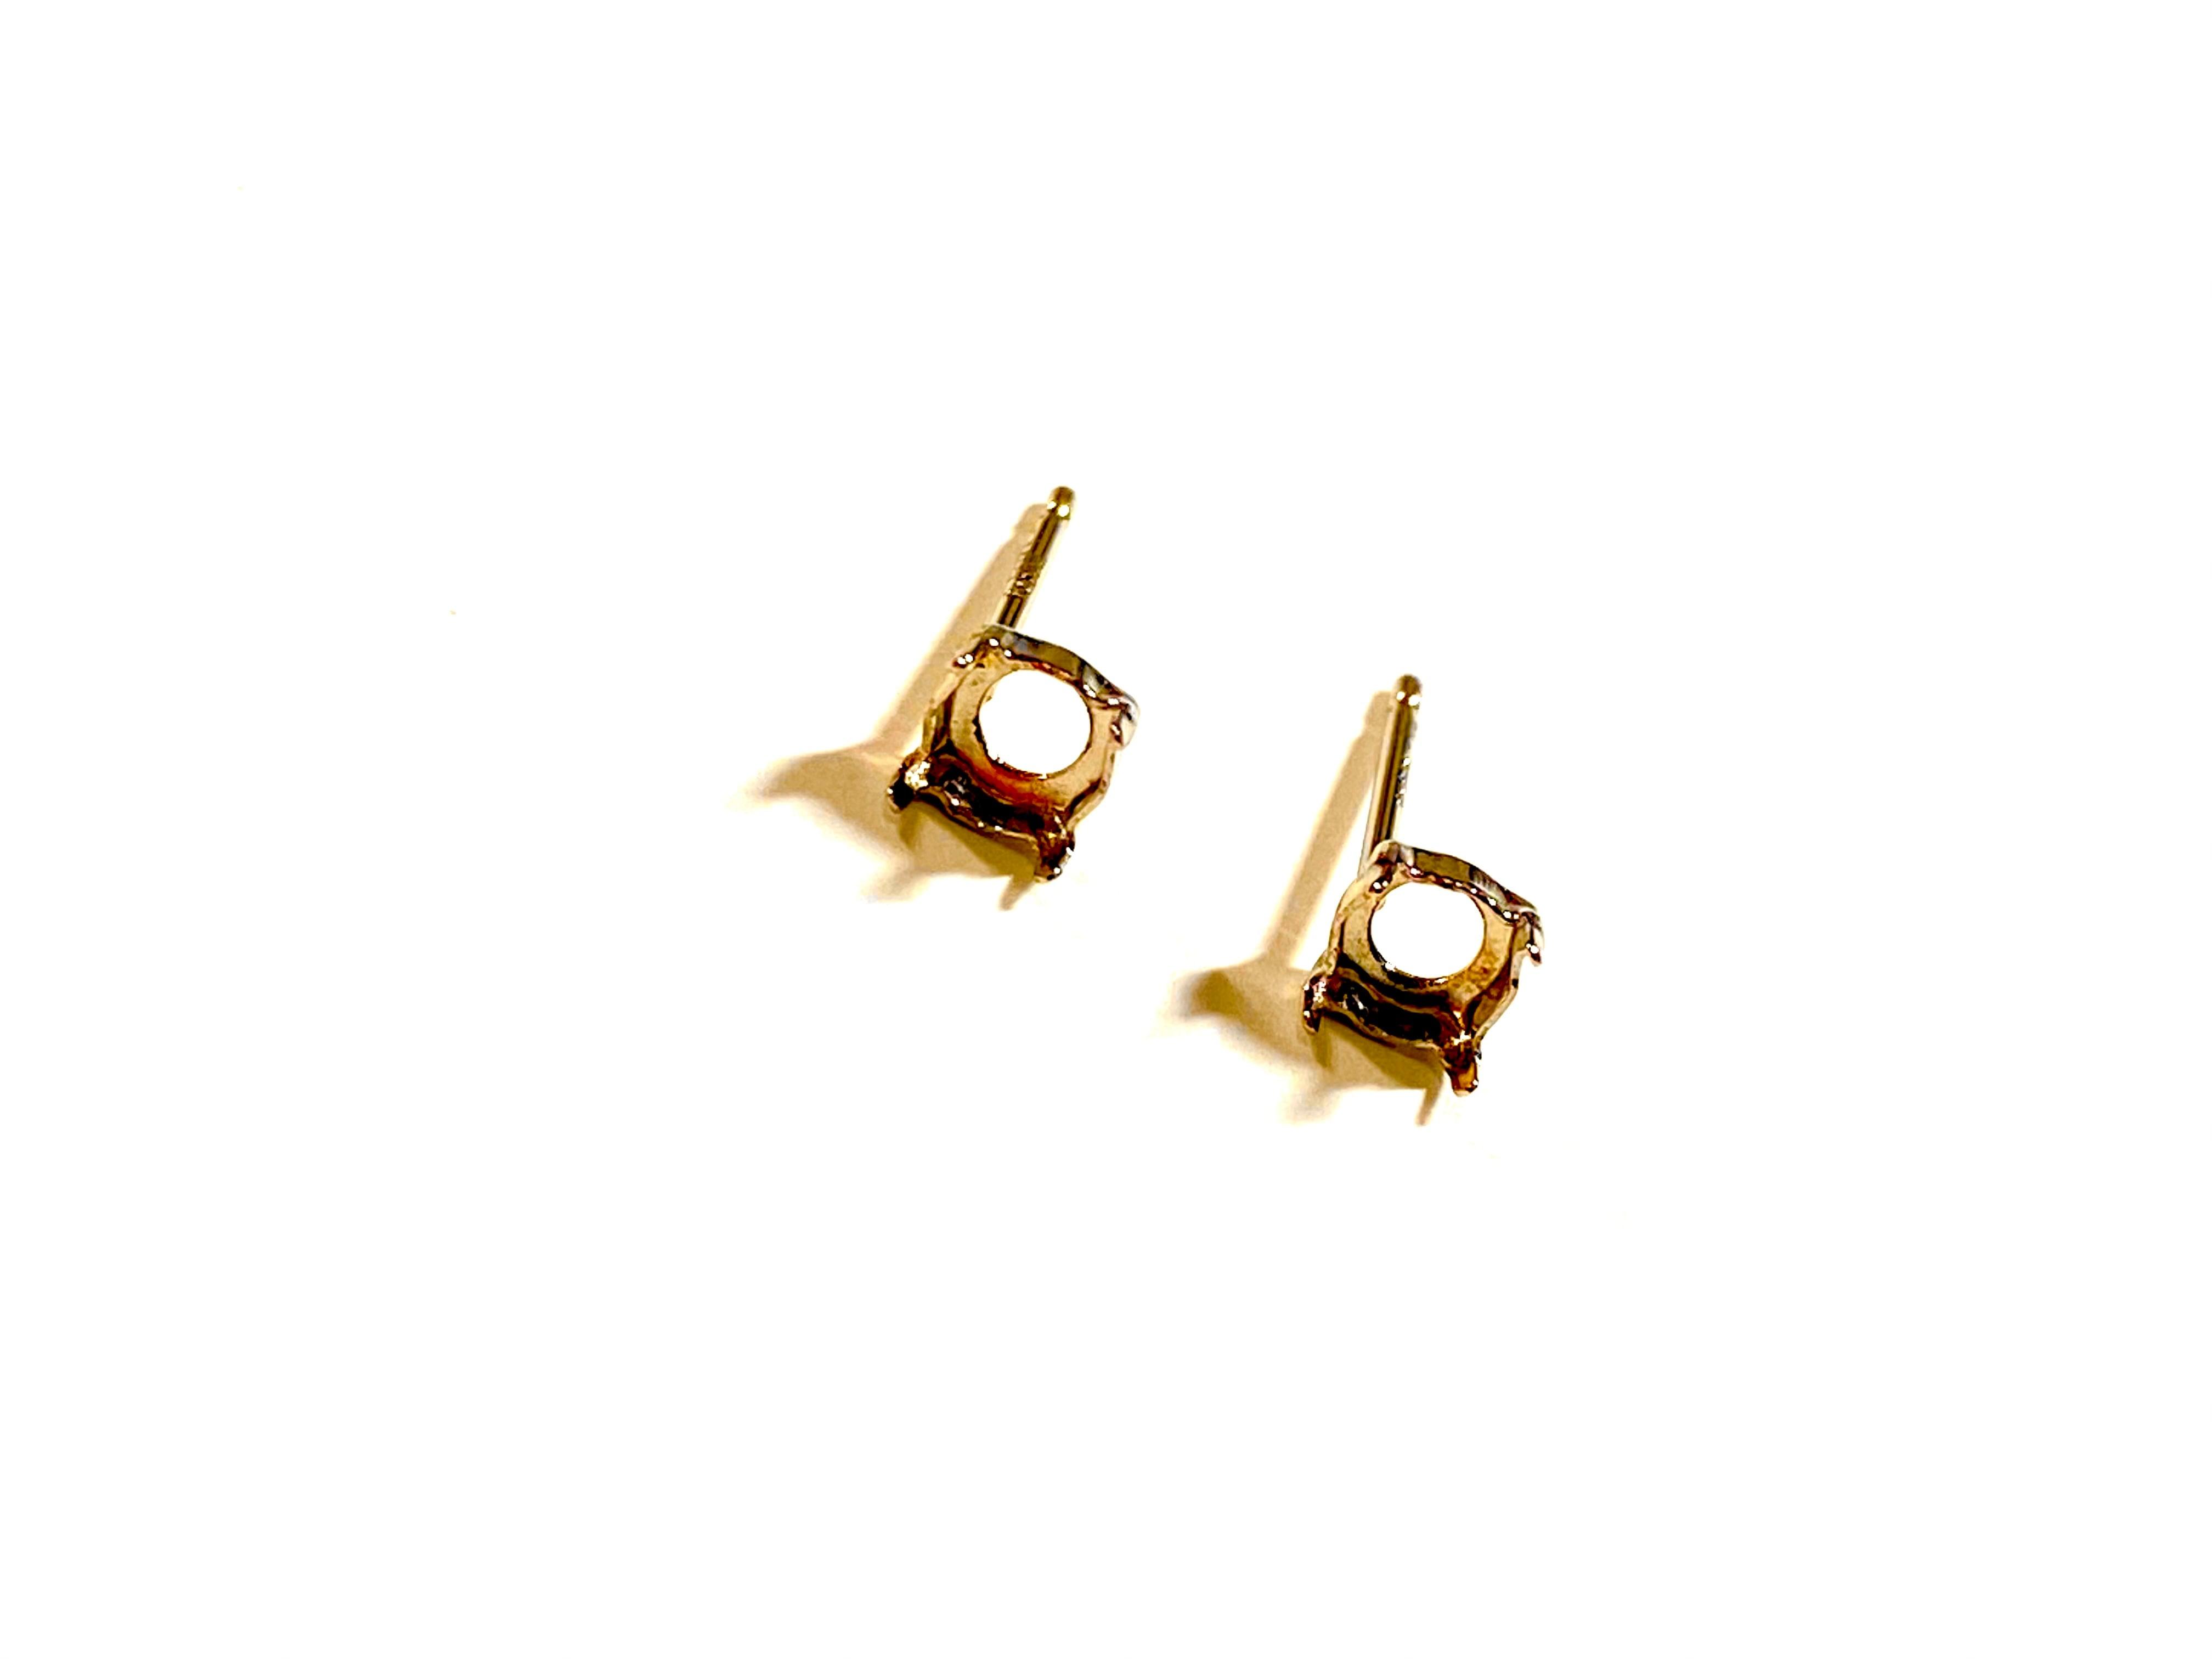 【K10YG】『タテヨコ4mm』 ラウンドカット対応ピアス空枠 [空枠No,42]